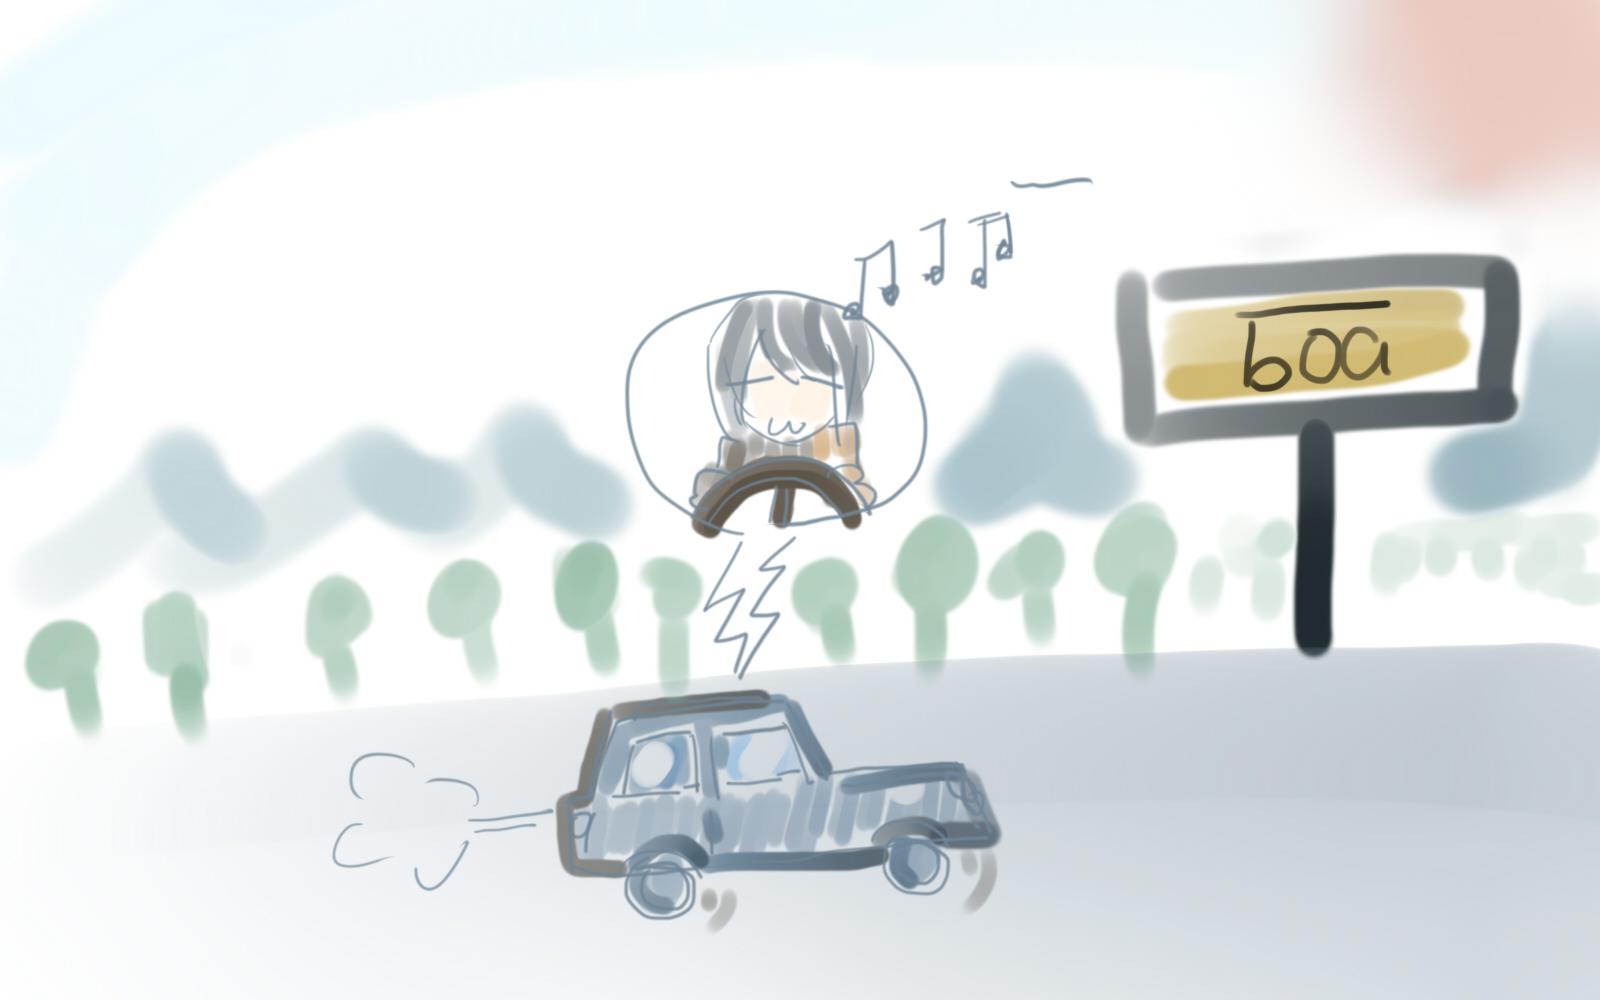 看公路学画刊|奇遇漫画记_2017重庆小升初-重爱数学漫系图片